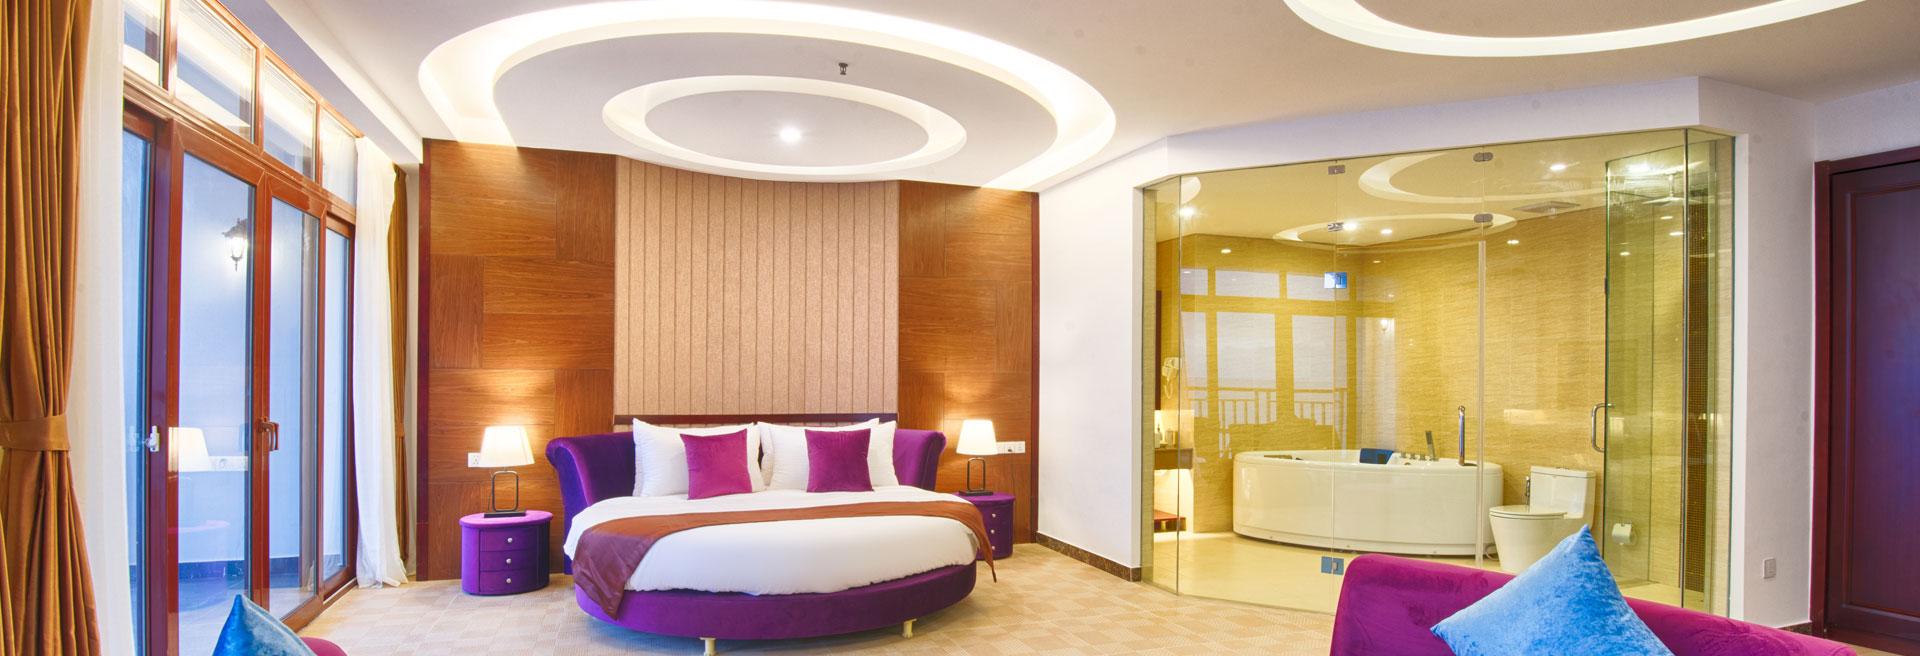 Honeymoon Suite Room Interior